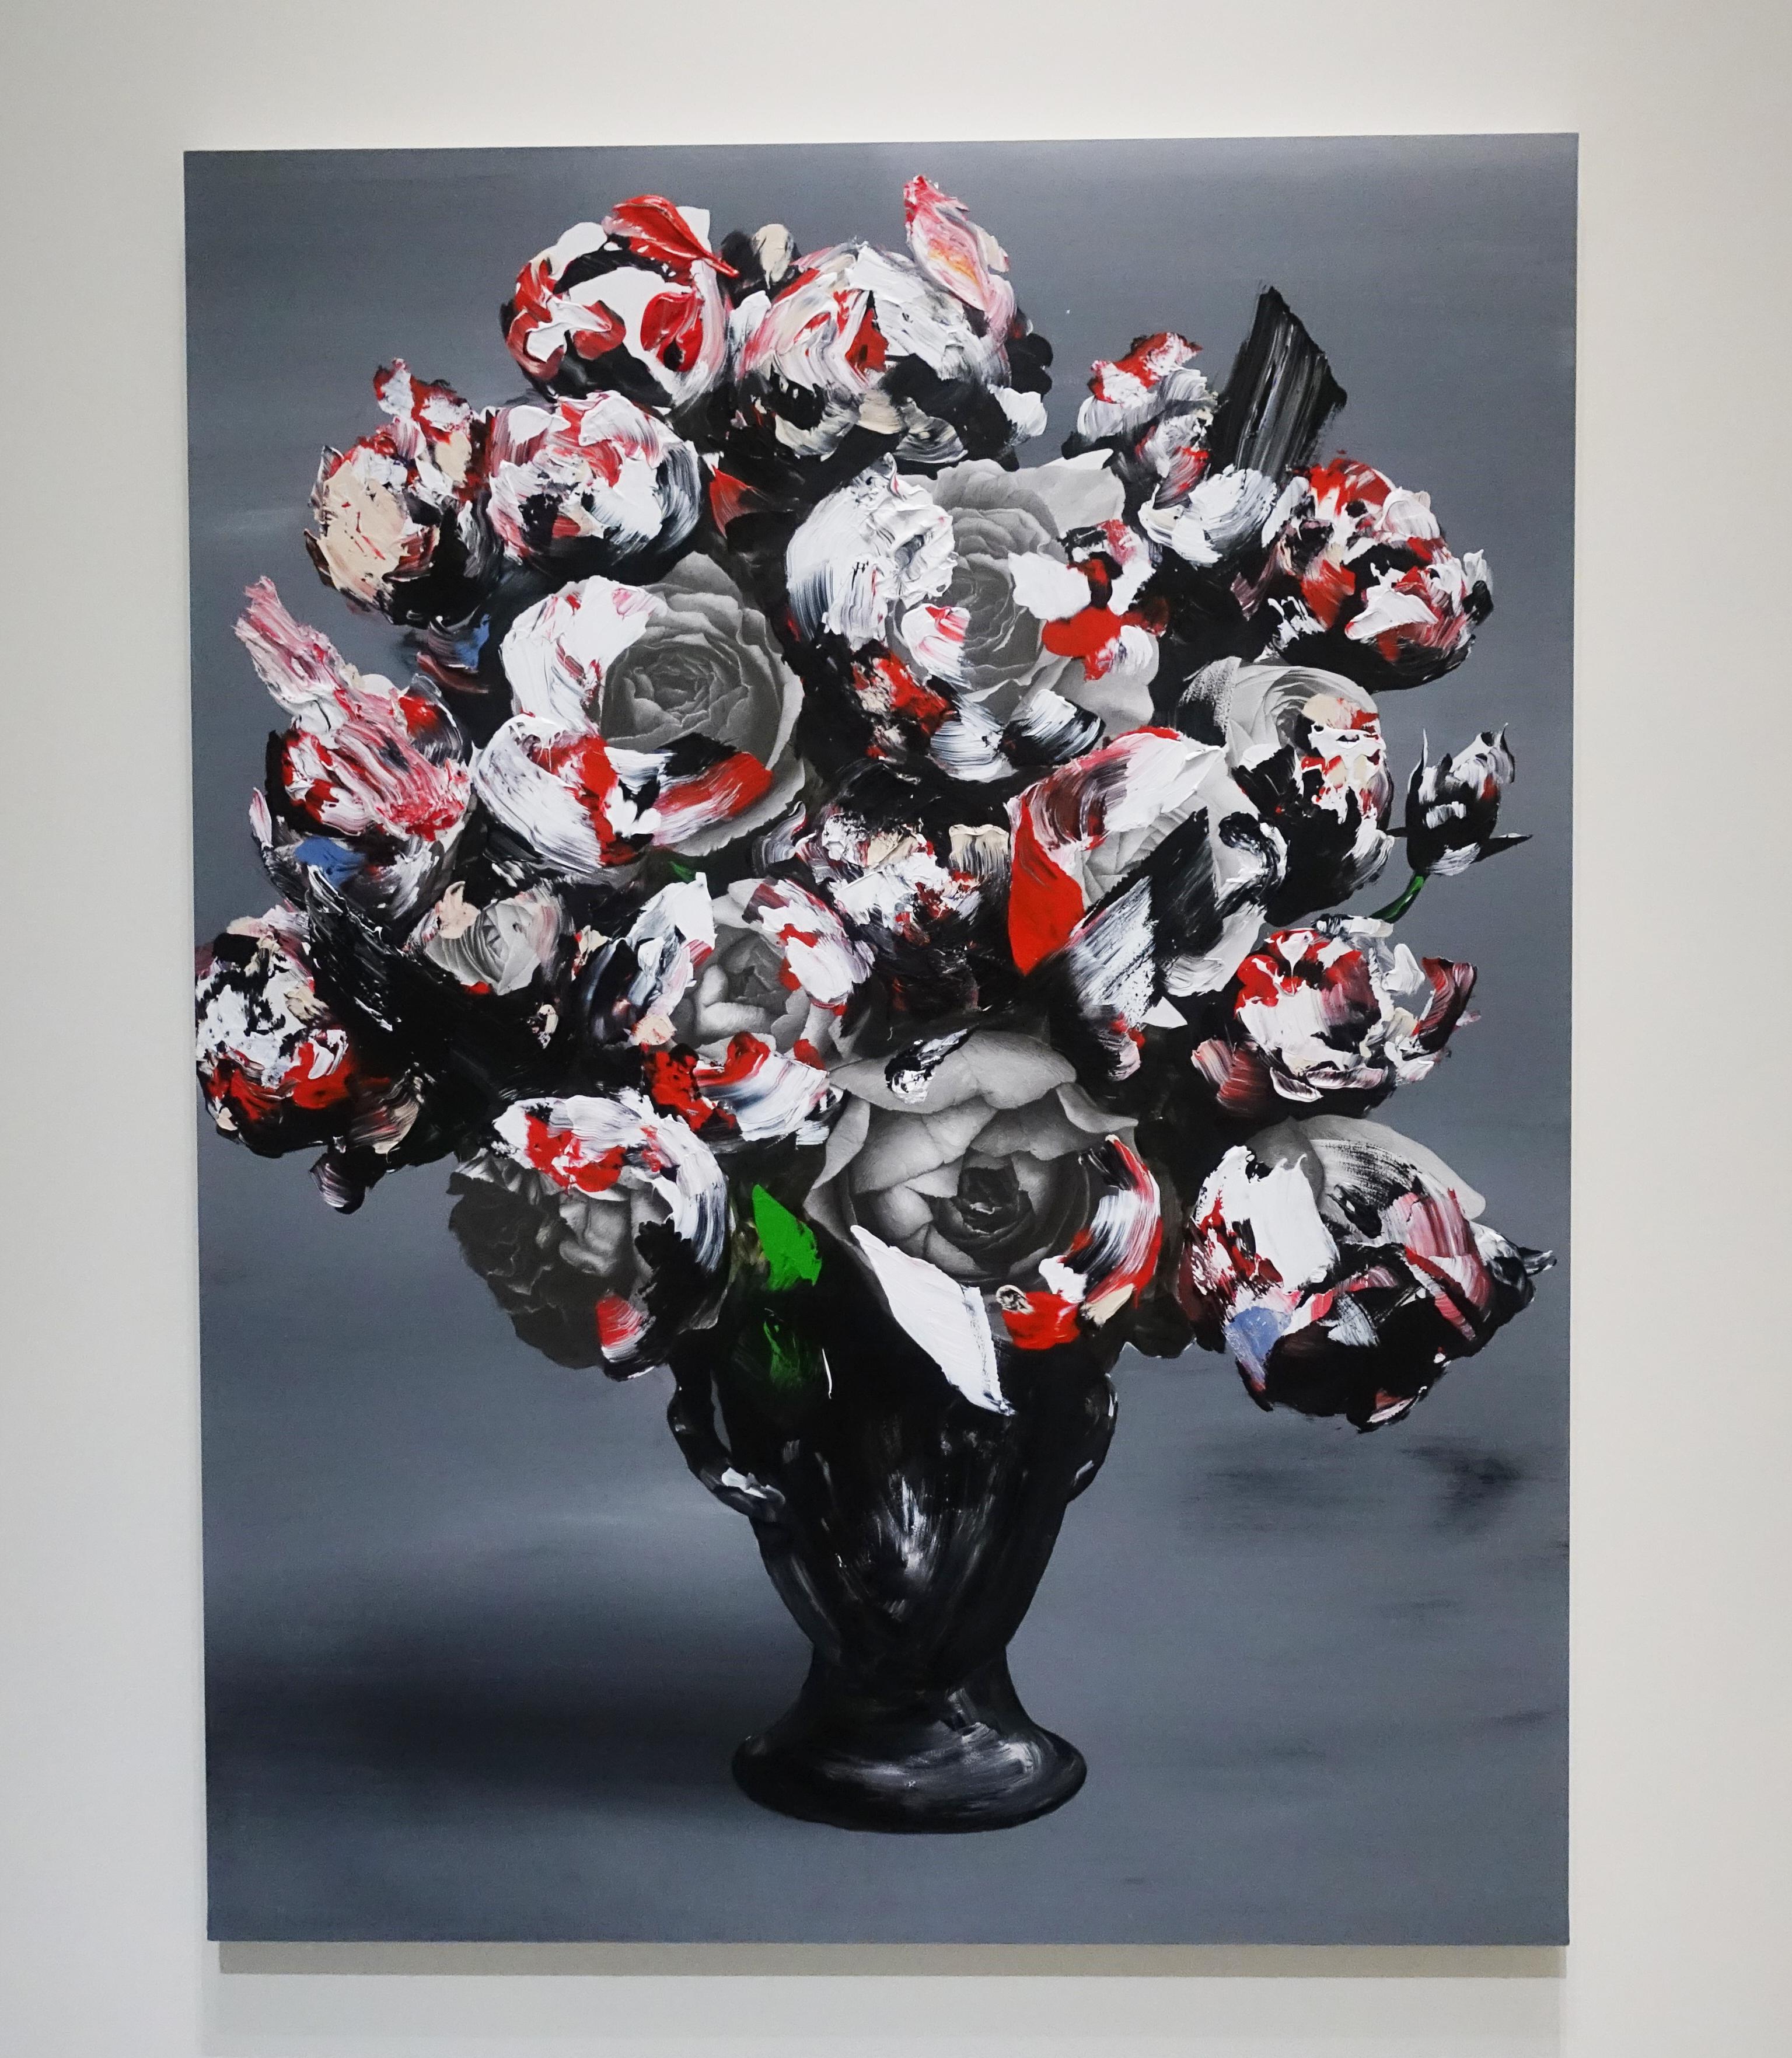 佐藤誠高,《Celebration 2》,140 x 107 cm,鉛筆、壓克力、紙、木板,2019。